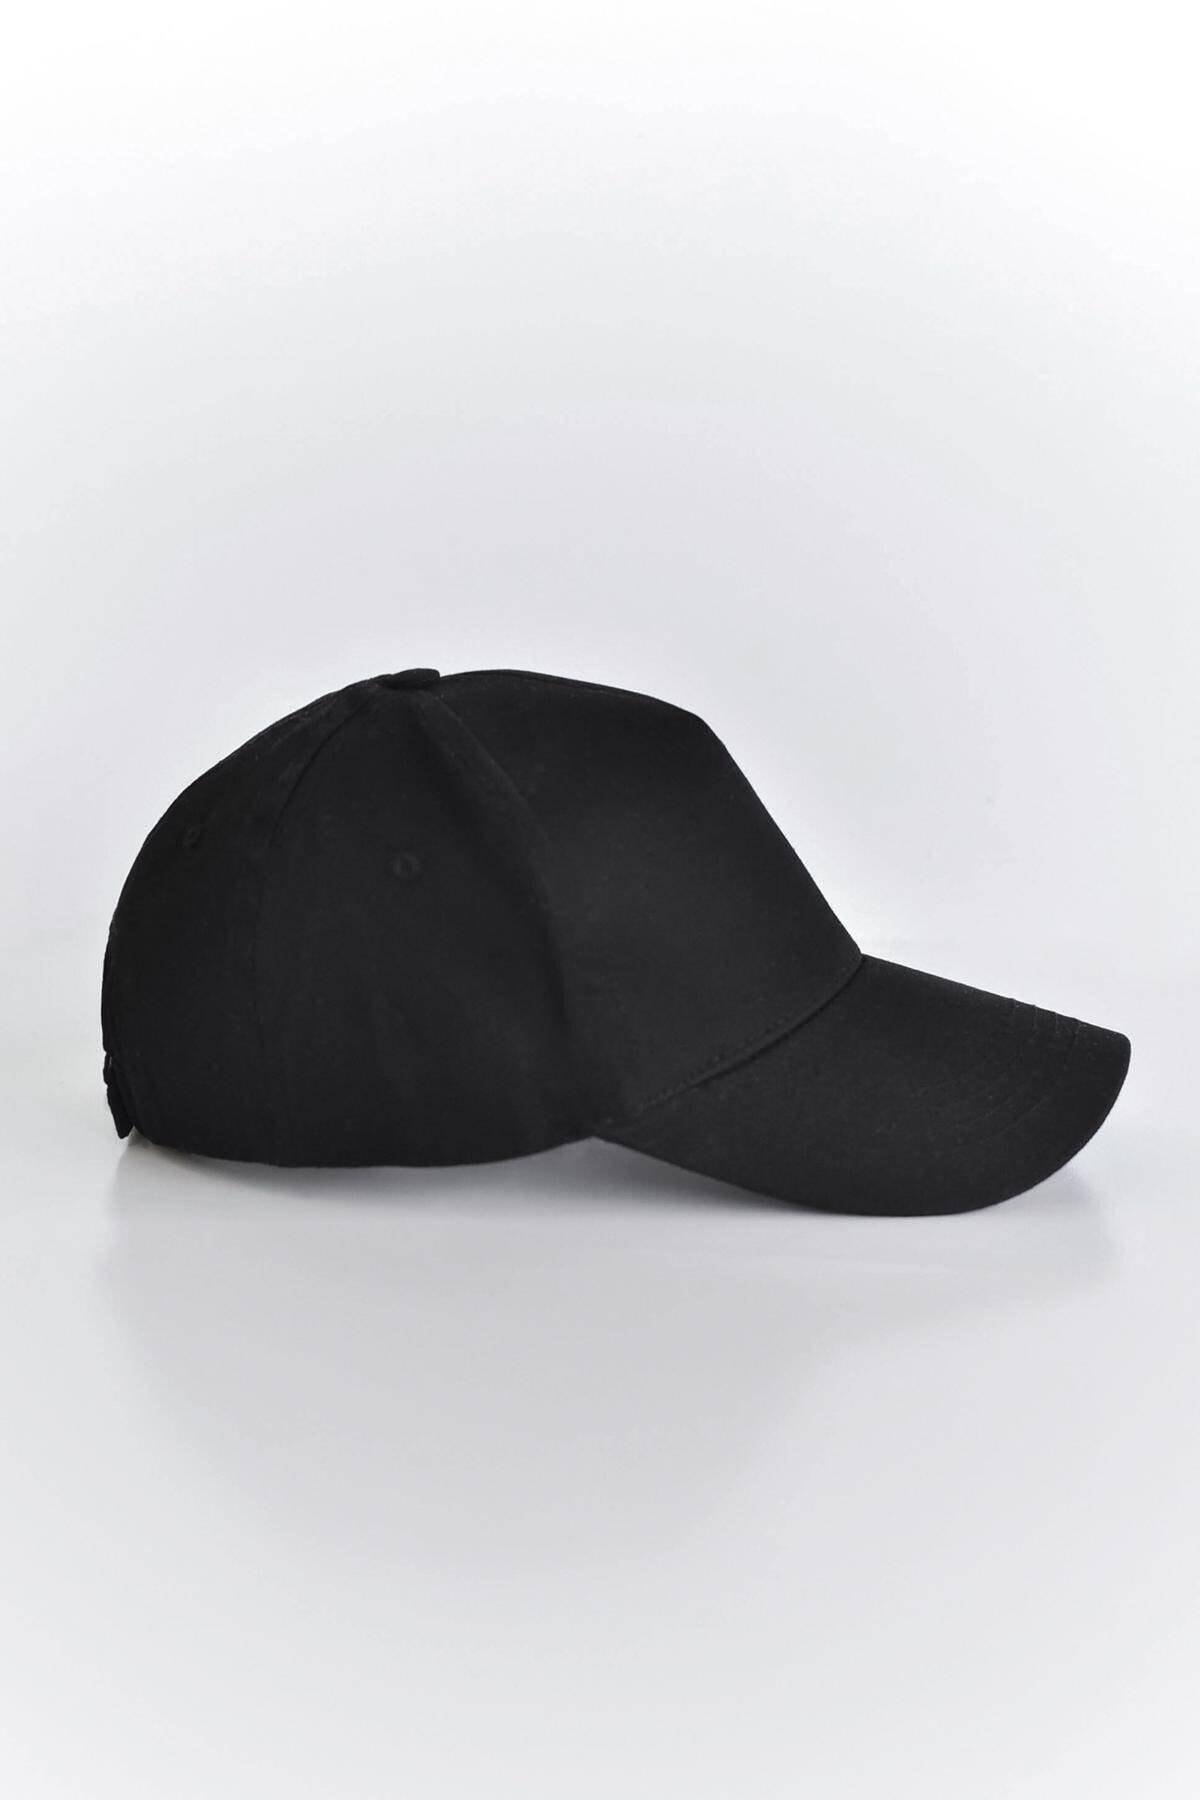 Addax Kadın Siyah Unisex Şapka ŞPK1007 - AKS ADX-0000022027 2